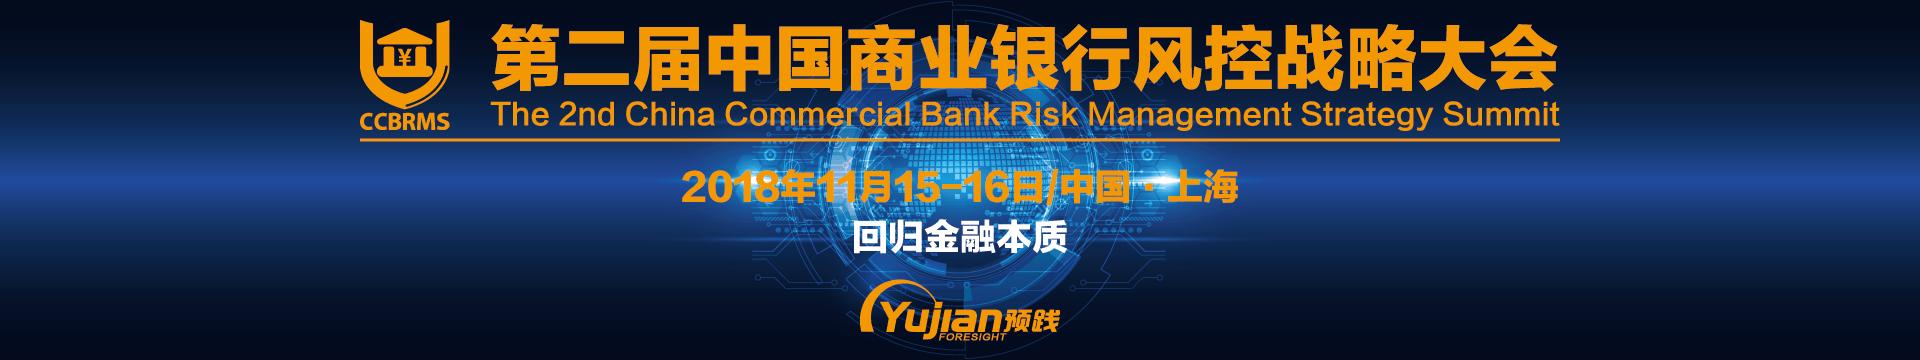 2018商业银行风控战略大会